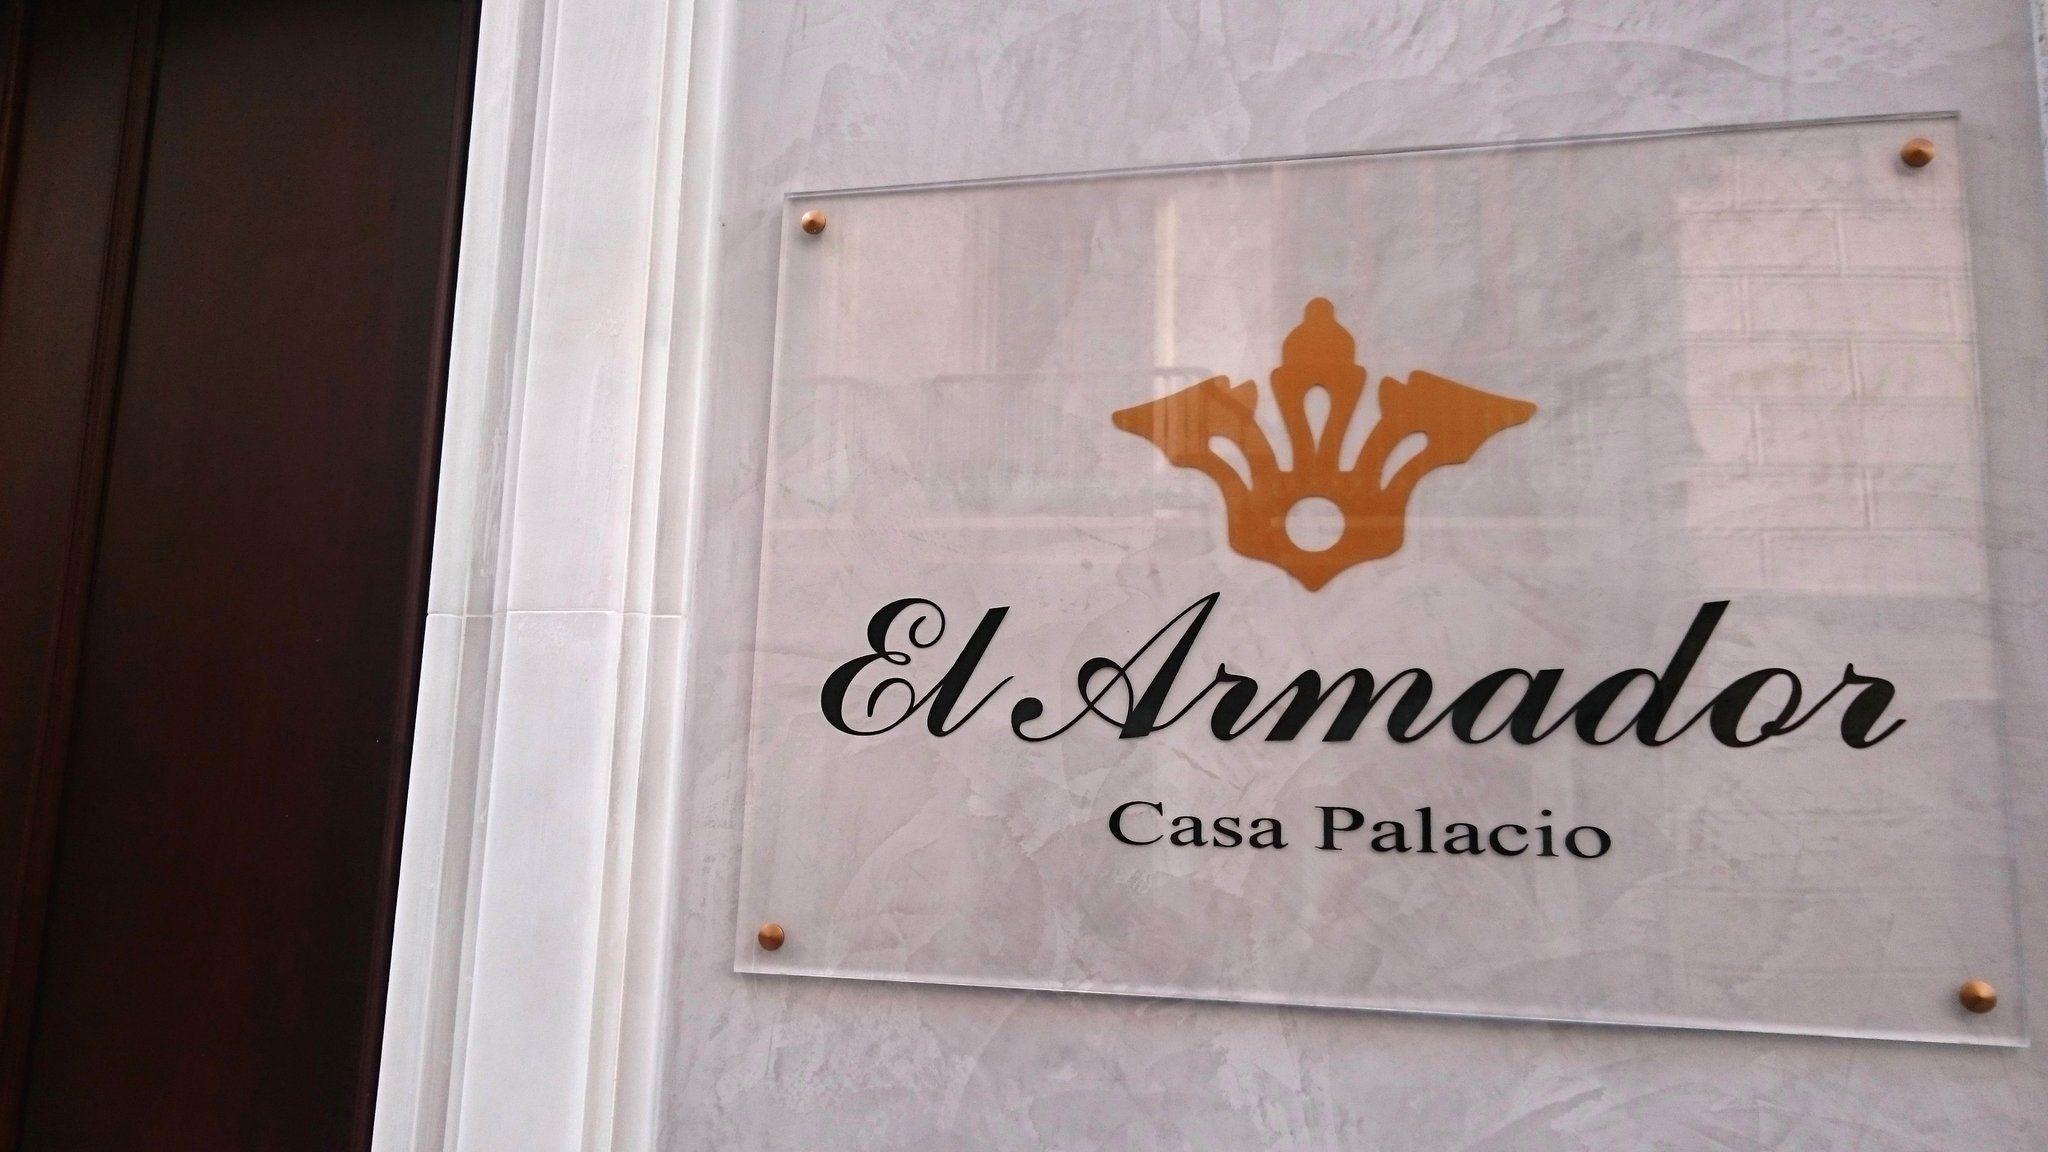 艾尔阿玛多帕拉西奥公寓